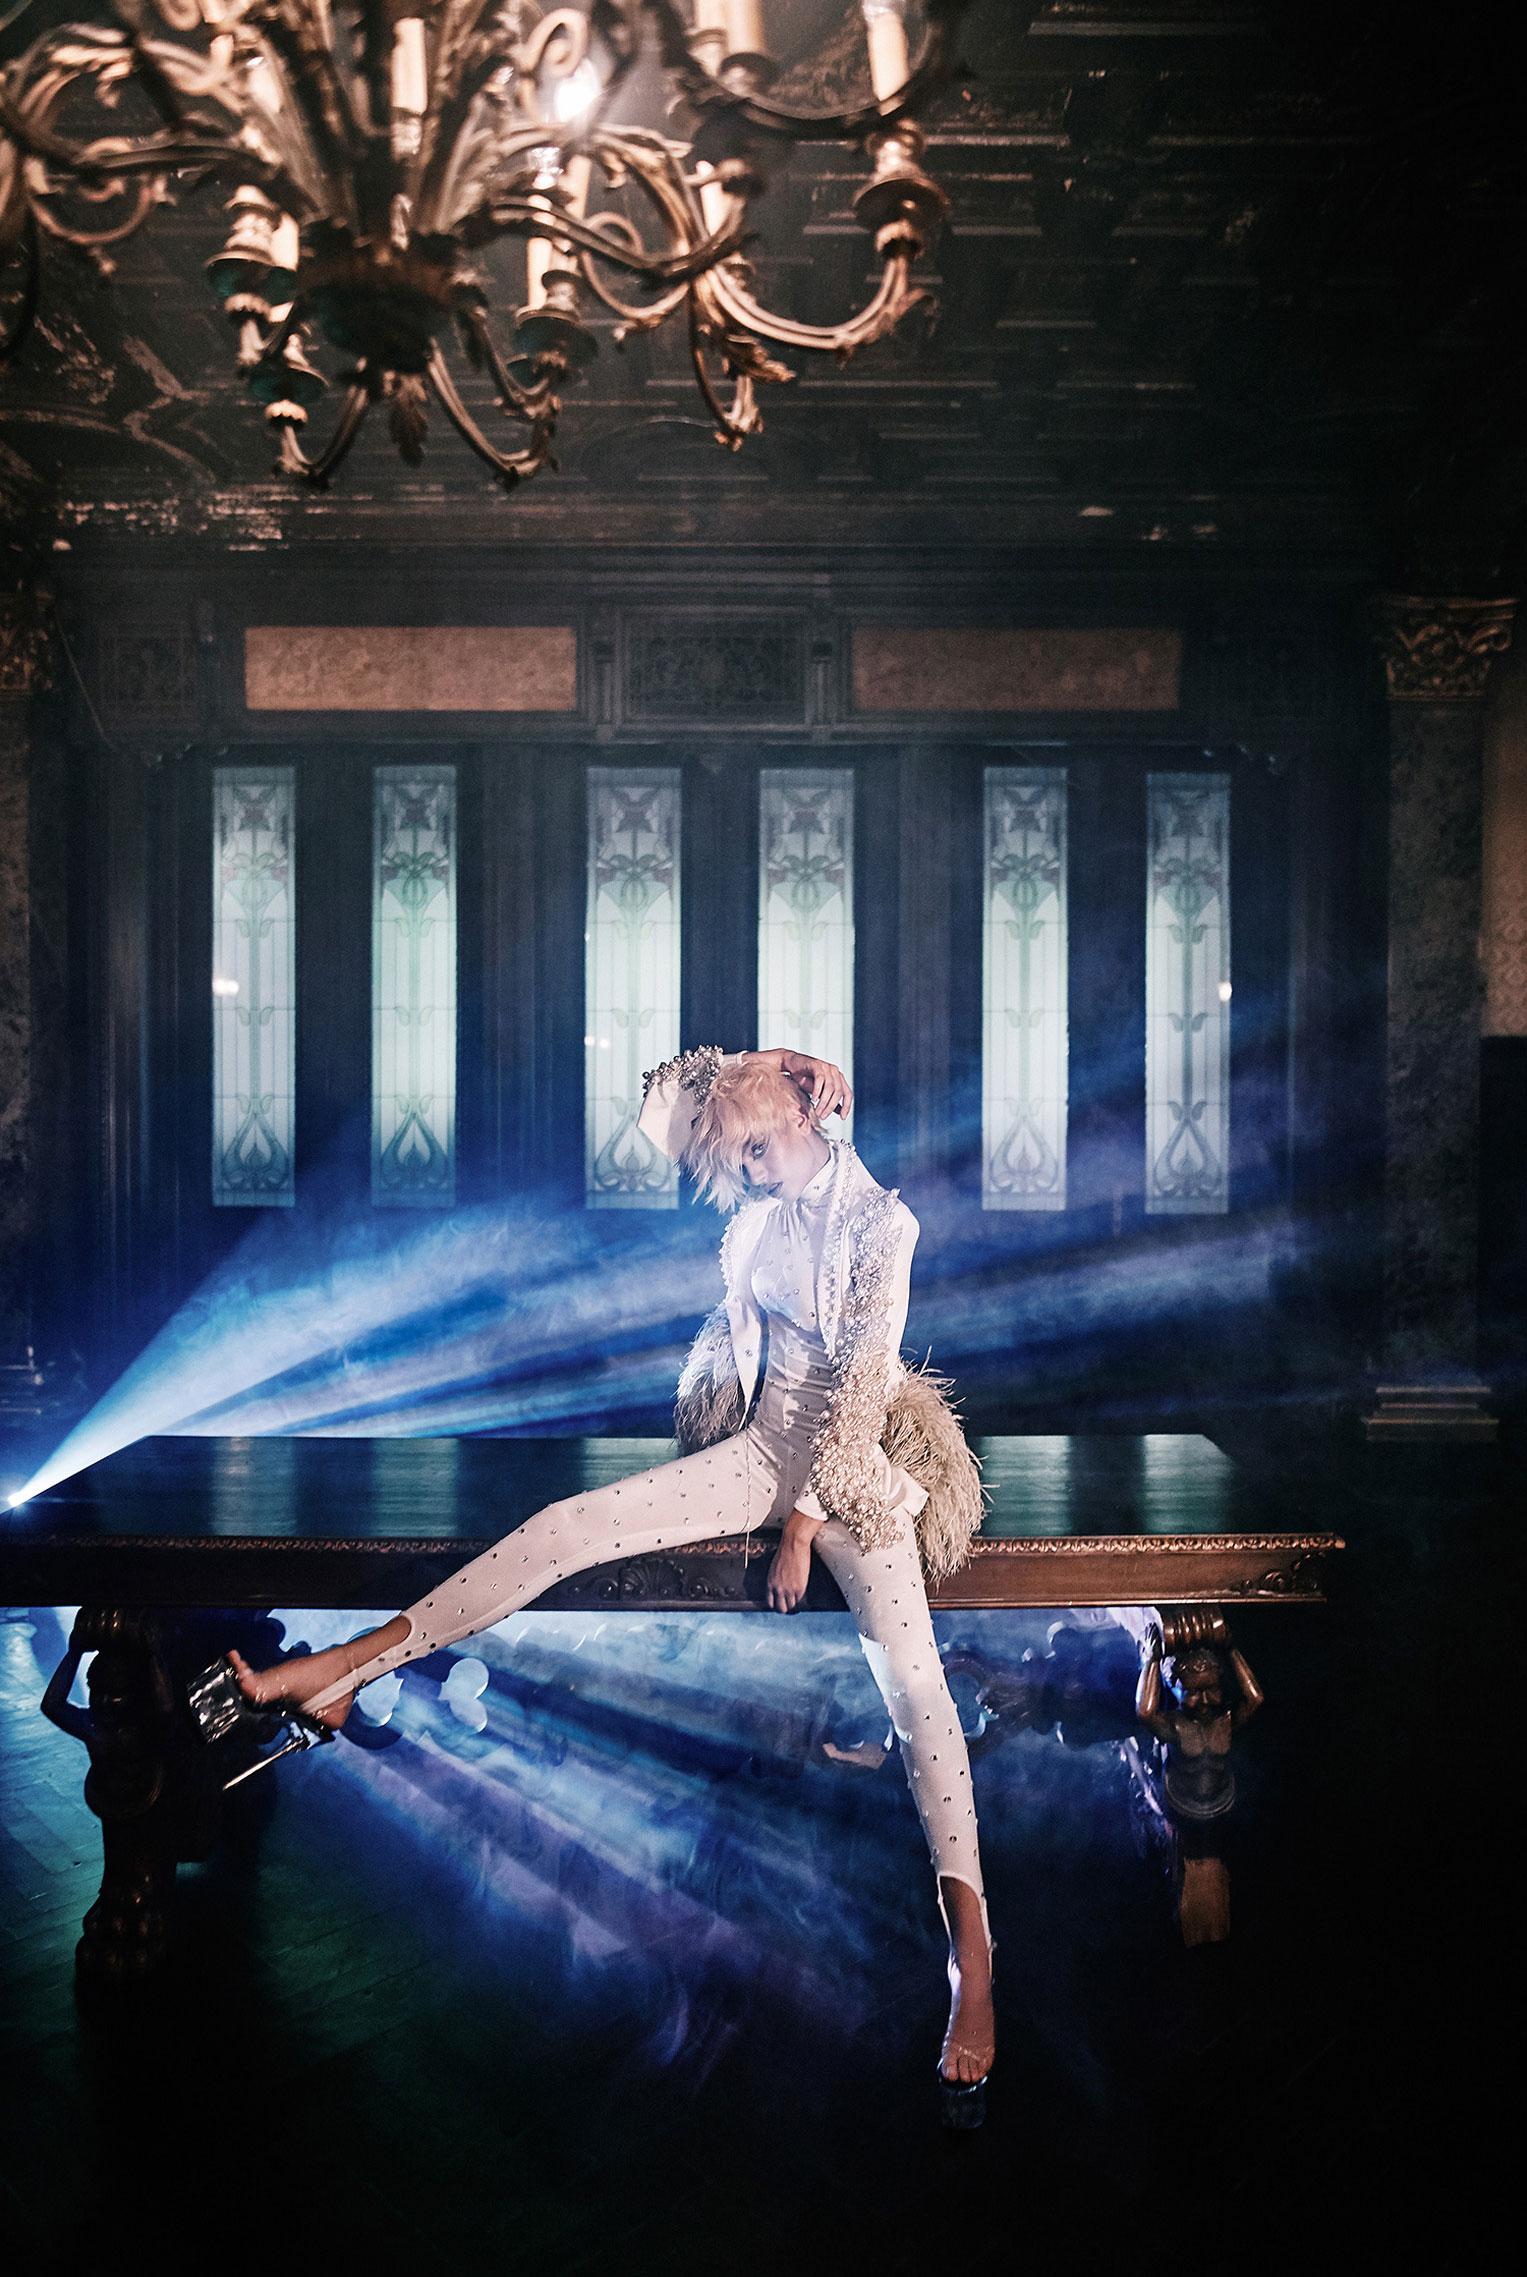 Рок-концерт в рекламной кампании модного бренда LouLou, осень-зима 2019 / фото 04